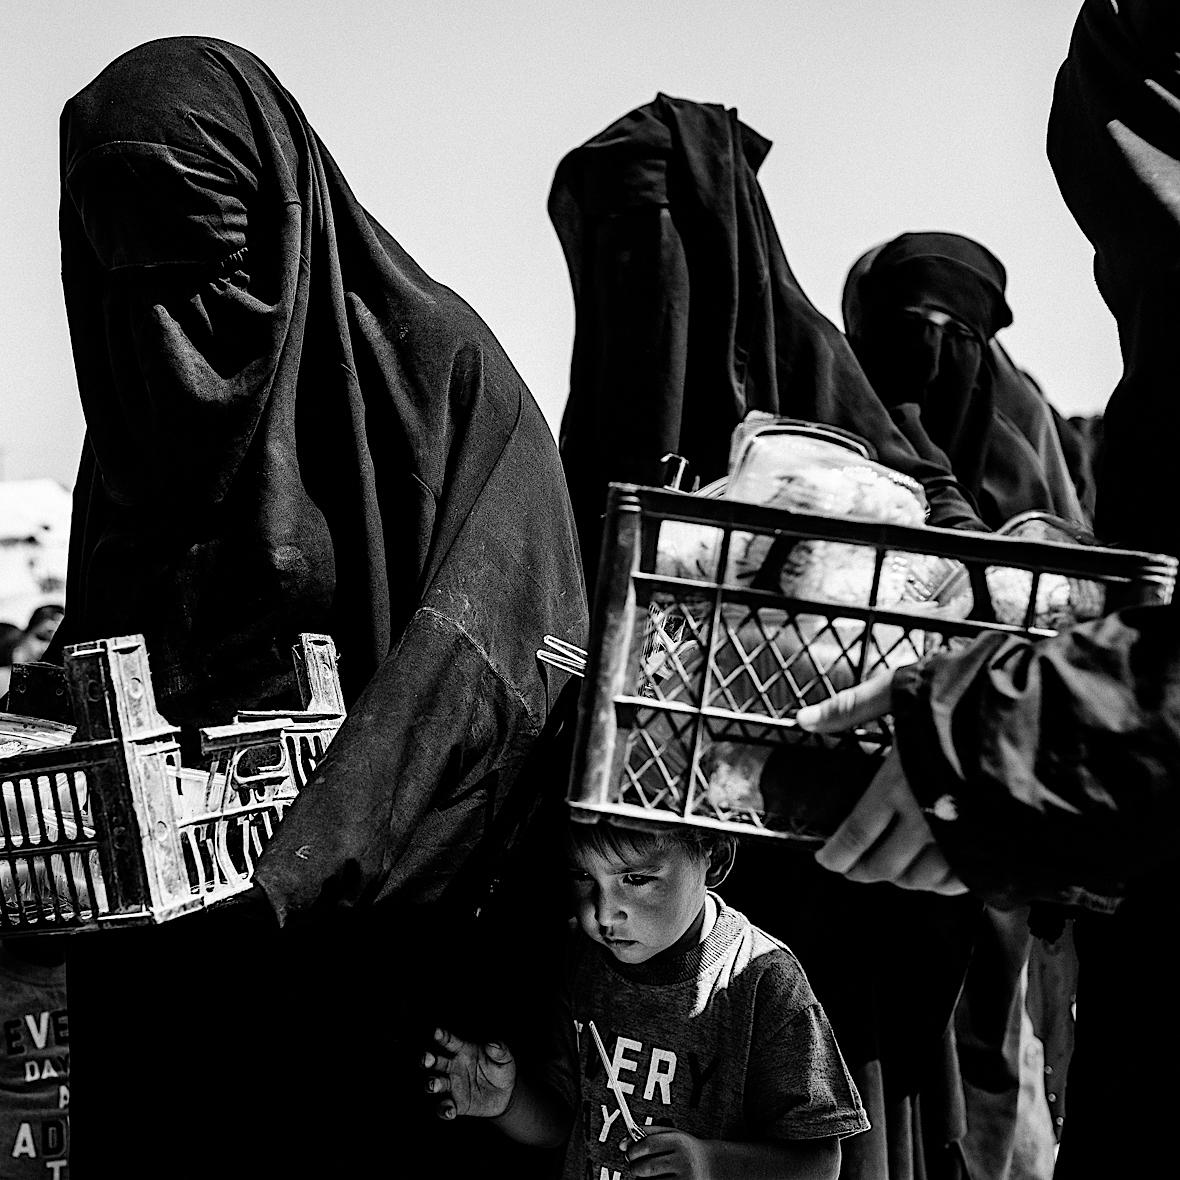 Racje żywnościowe w Al-Hol są bardzo ubogie.